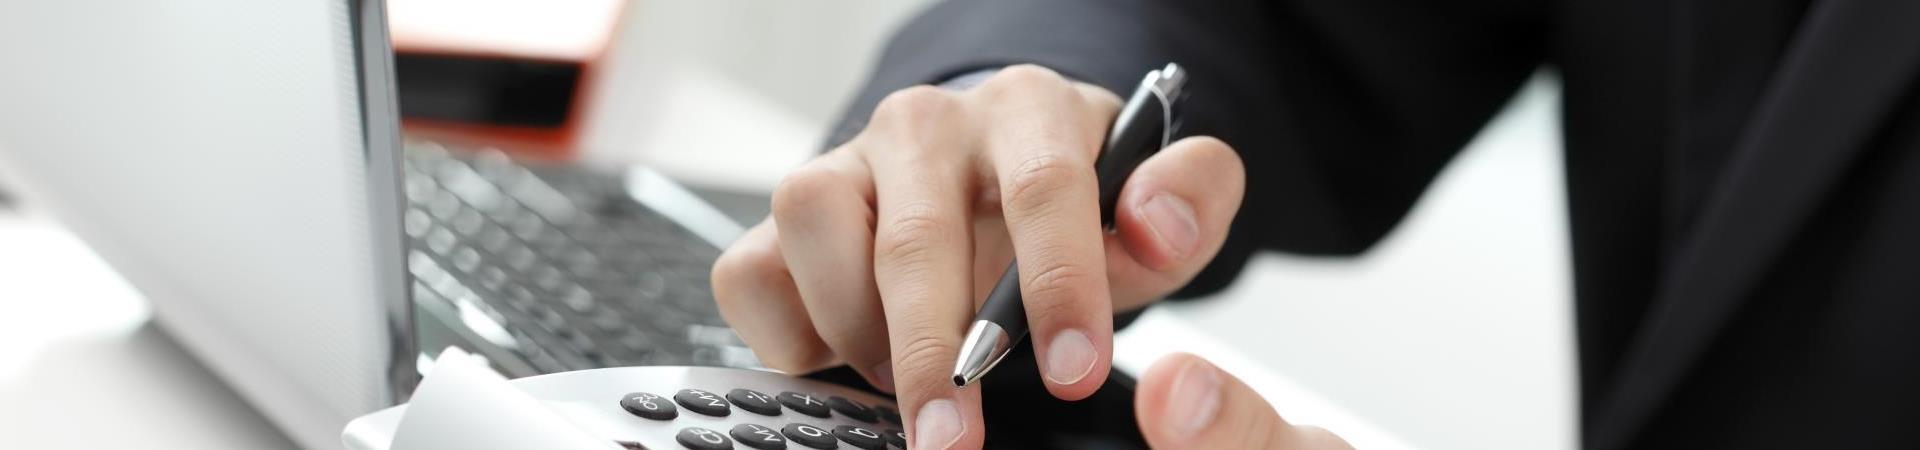 Uw BKR registratie opheffen? Neem contact op met CoderingVrij!